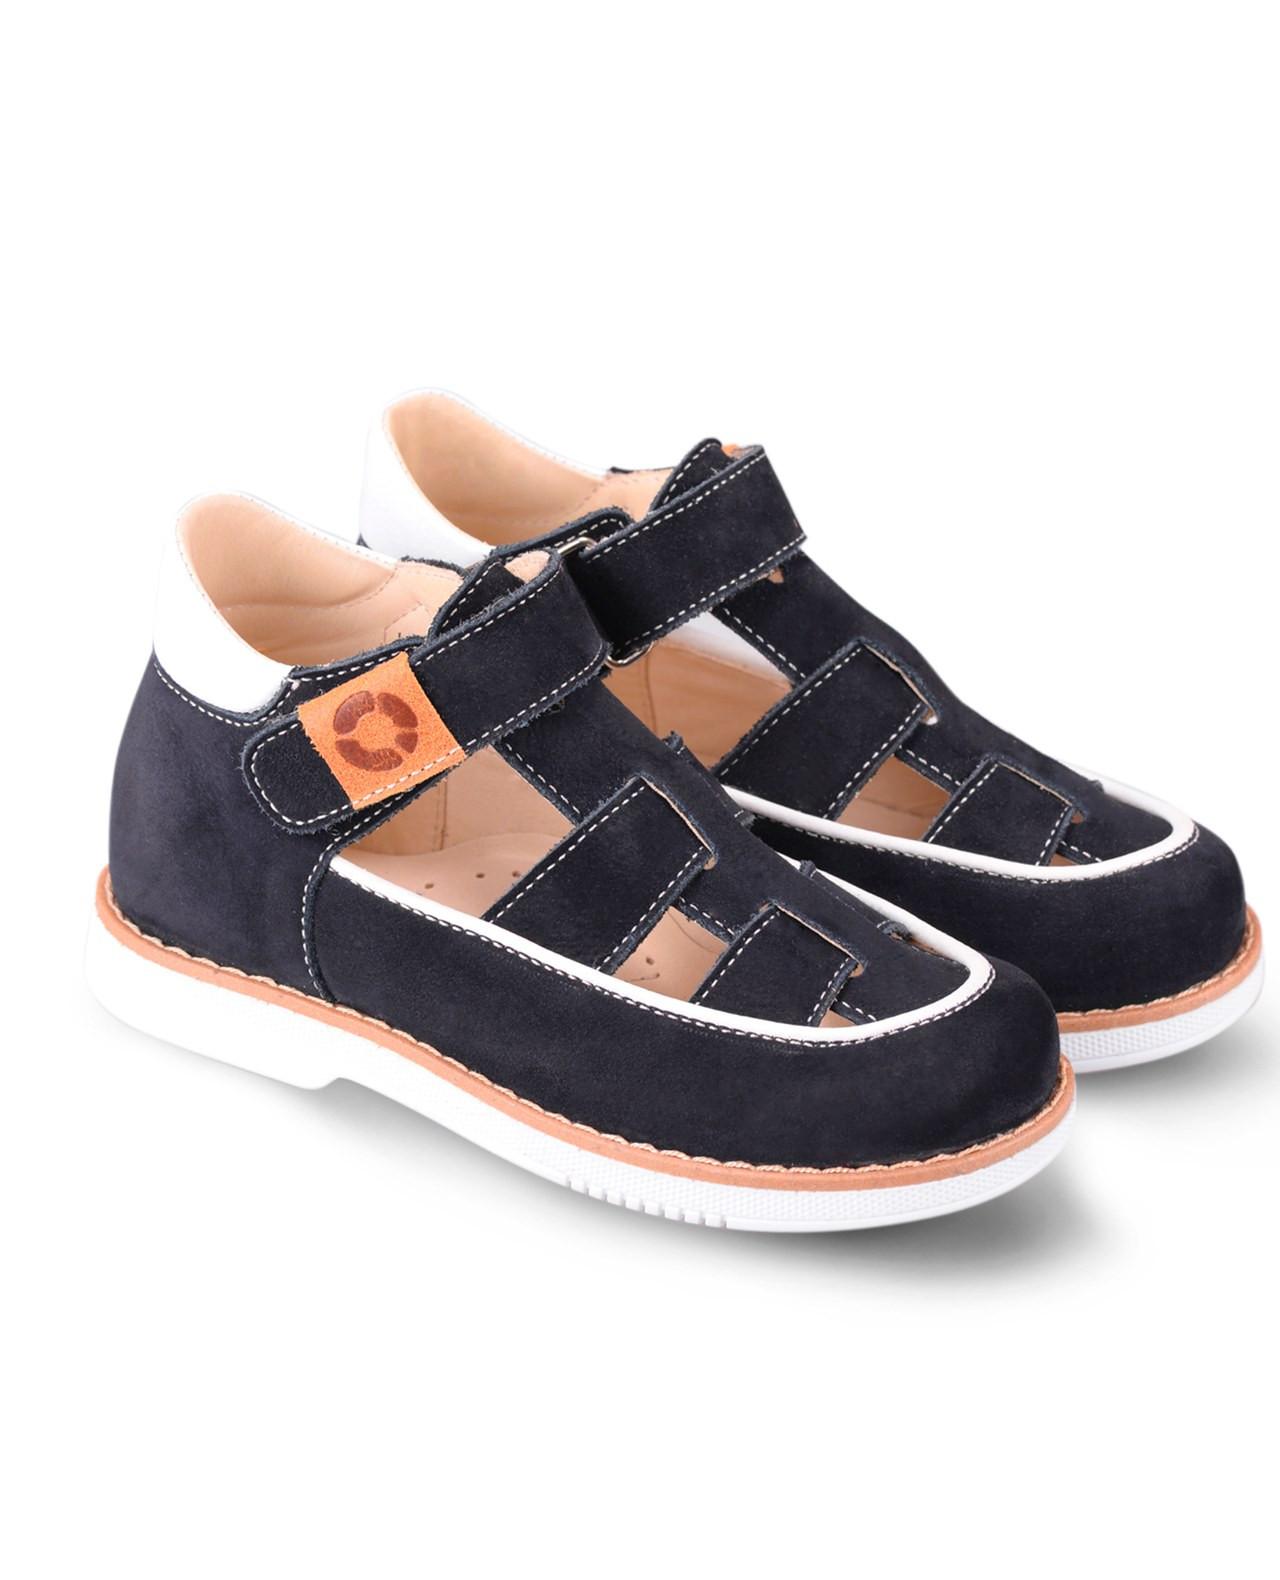 Туфли Детские, Tapiboo Венге (43197, 24 )Туфли<br>Туфли для ежедневной профилактики плоскостопия. <br>Идеальны как сменная обувь в детский сад <br>и начальную школу. Широкий, устойчивый каблук, <br>специальной конфигурации «каблук Томаса». <br>Каблук продлен с внутренней стороны до <br>середины стопы, чтобы исключить вращение <br>(заваливание) стопы вовнутрь (пронационный <br>компонент деформации, так называемая косолапость, <br>или вальгусная деформация). Многослойная, <br>анатомическая стелька со сводоподдерживающим <br>элементом для правильного формирования <br>стопы. Благодаря использованию современных <br>внутренних материалов позволяет оптимально <br>распределить нагрузку по всей площади стопы <br>и свести к минимуму ее ударную составляющую. <br>Жесткий фиксирующий задник с удлиненным <br>«крылом» надежно стабилизирует голеностопный <br>сустав во время ходьбы, препятствуя развитию <br>патологических изменений стопы. Упругая, <br>умеренно-эластичная подошва, имеющая перекат <br>позволяющий повторить естественное движение <br>стопы при ходьбе для правильного распределения <br>нагрузки на опорно-двигательный аппарат <br>ребенка. Подкладка из кож<br>Размер INT: M; Цвет: Красный; Ширина: 100; Высота: 200; Вес: 1000;